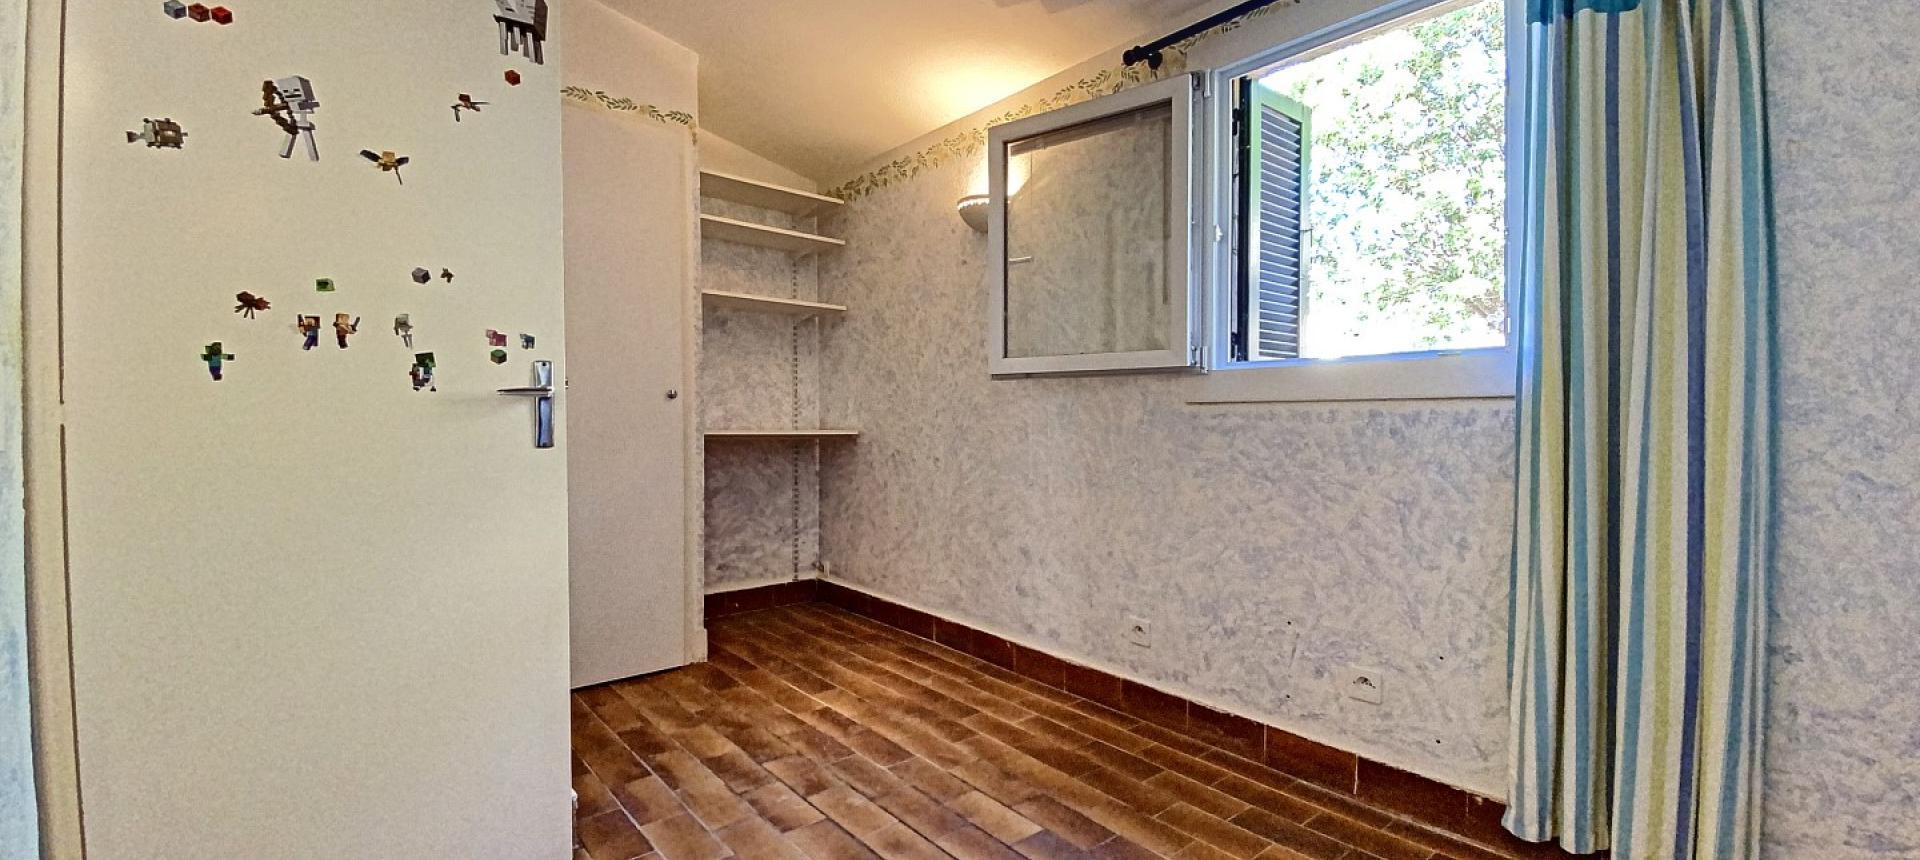 Maison à vendre à Porticcio - Rive sud Ajaccio - Chambre